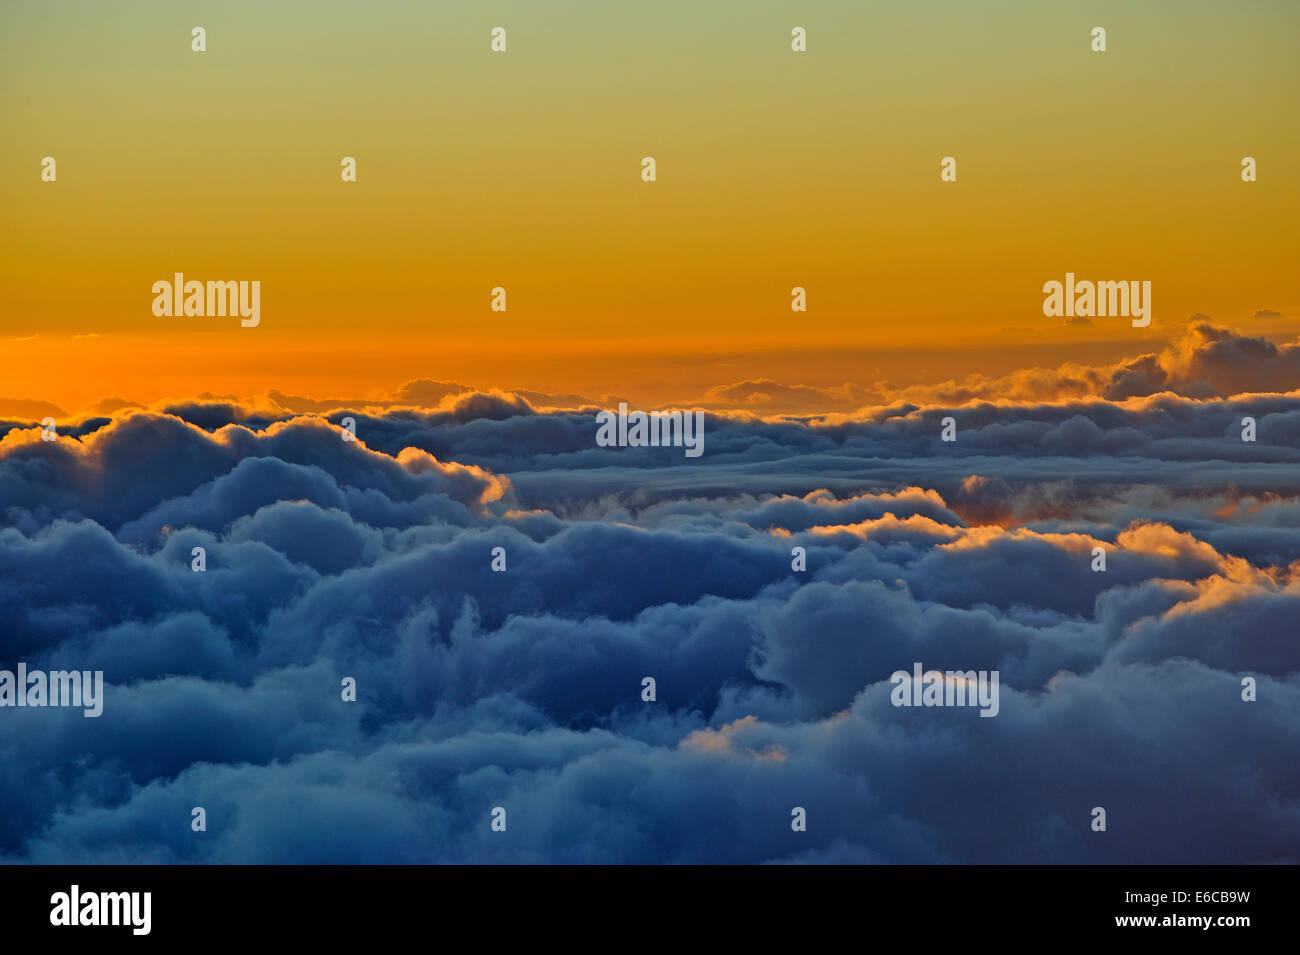 Über den Wolken - Wolkengebilde am Sonnenuntergang, Insel Maui, Hawaii Inseln, USA Stockbild